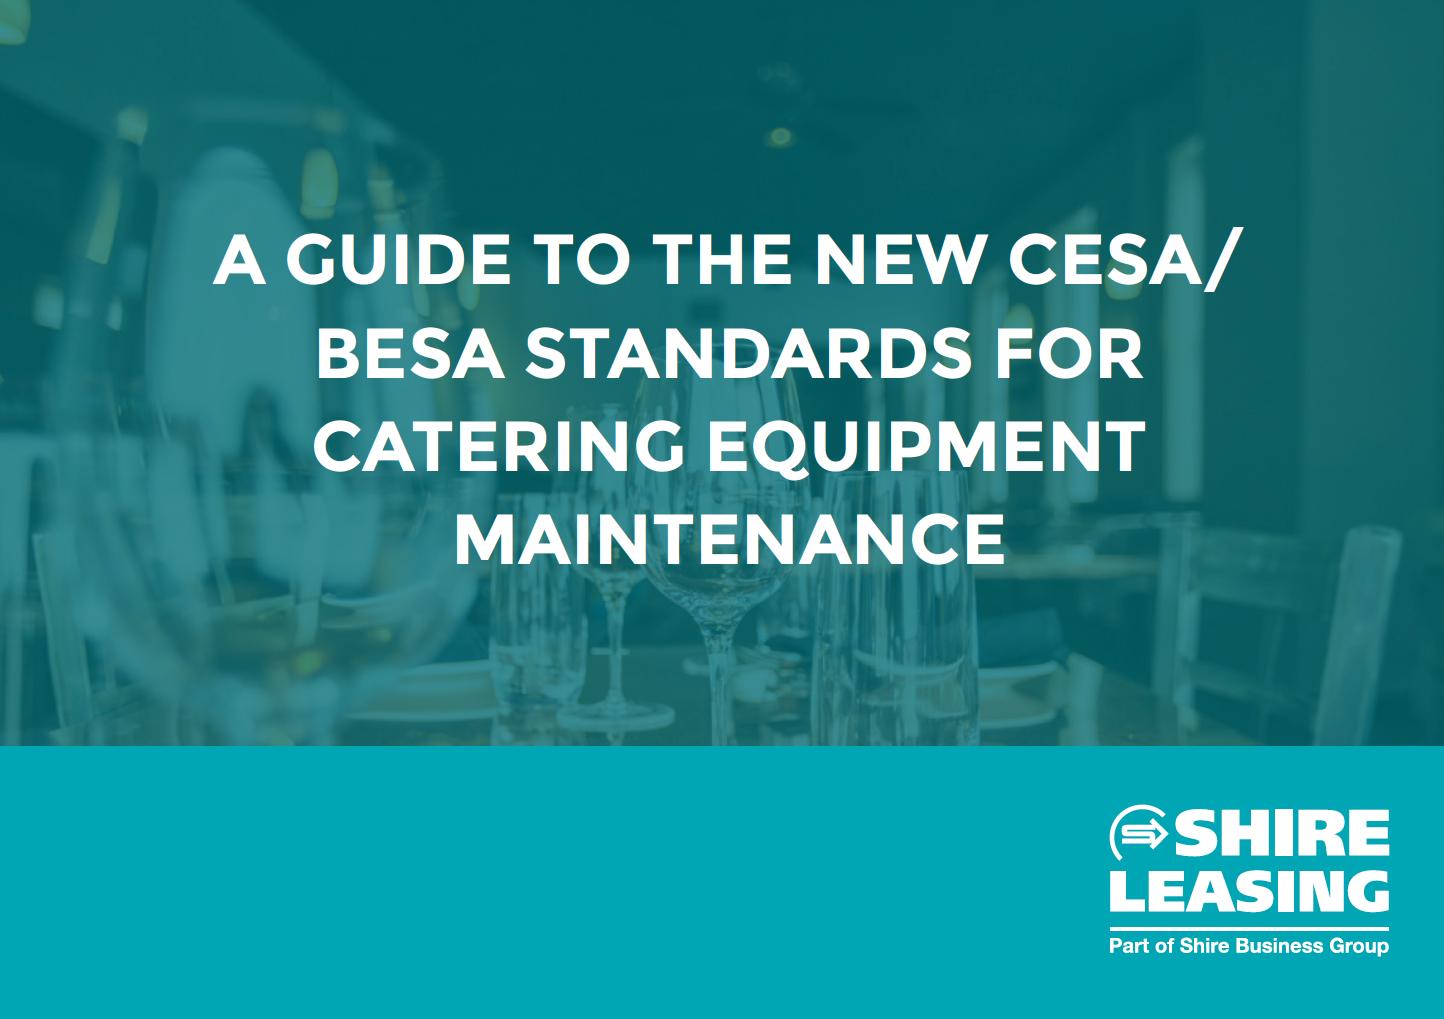 New CESA/BESA standards